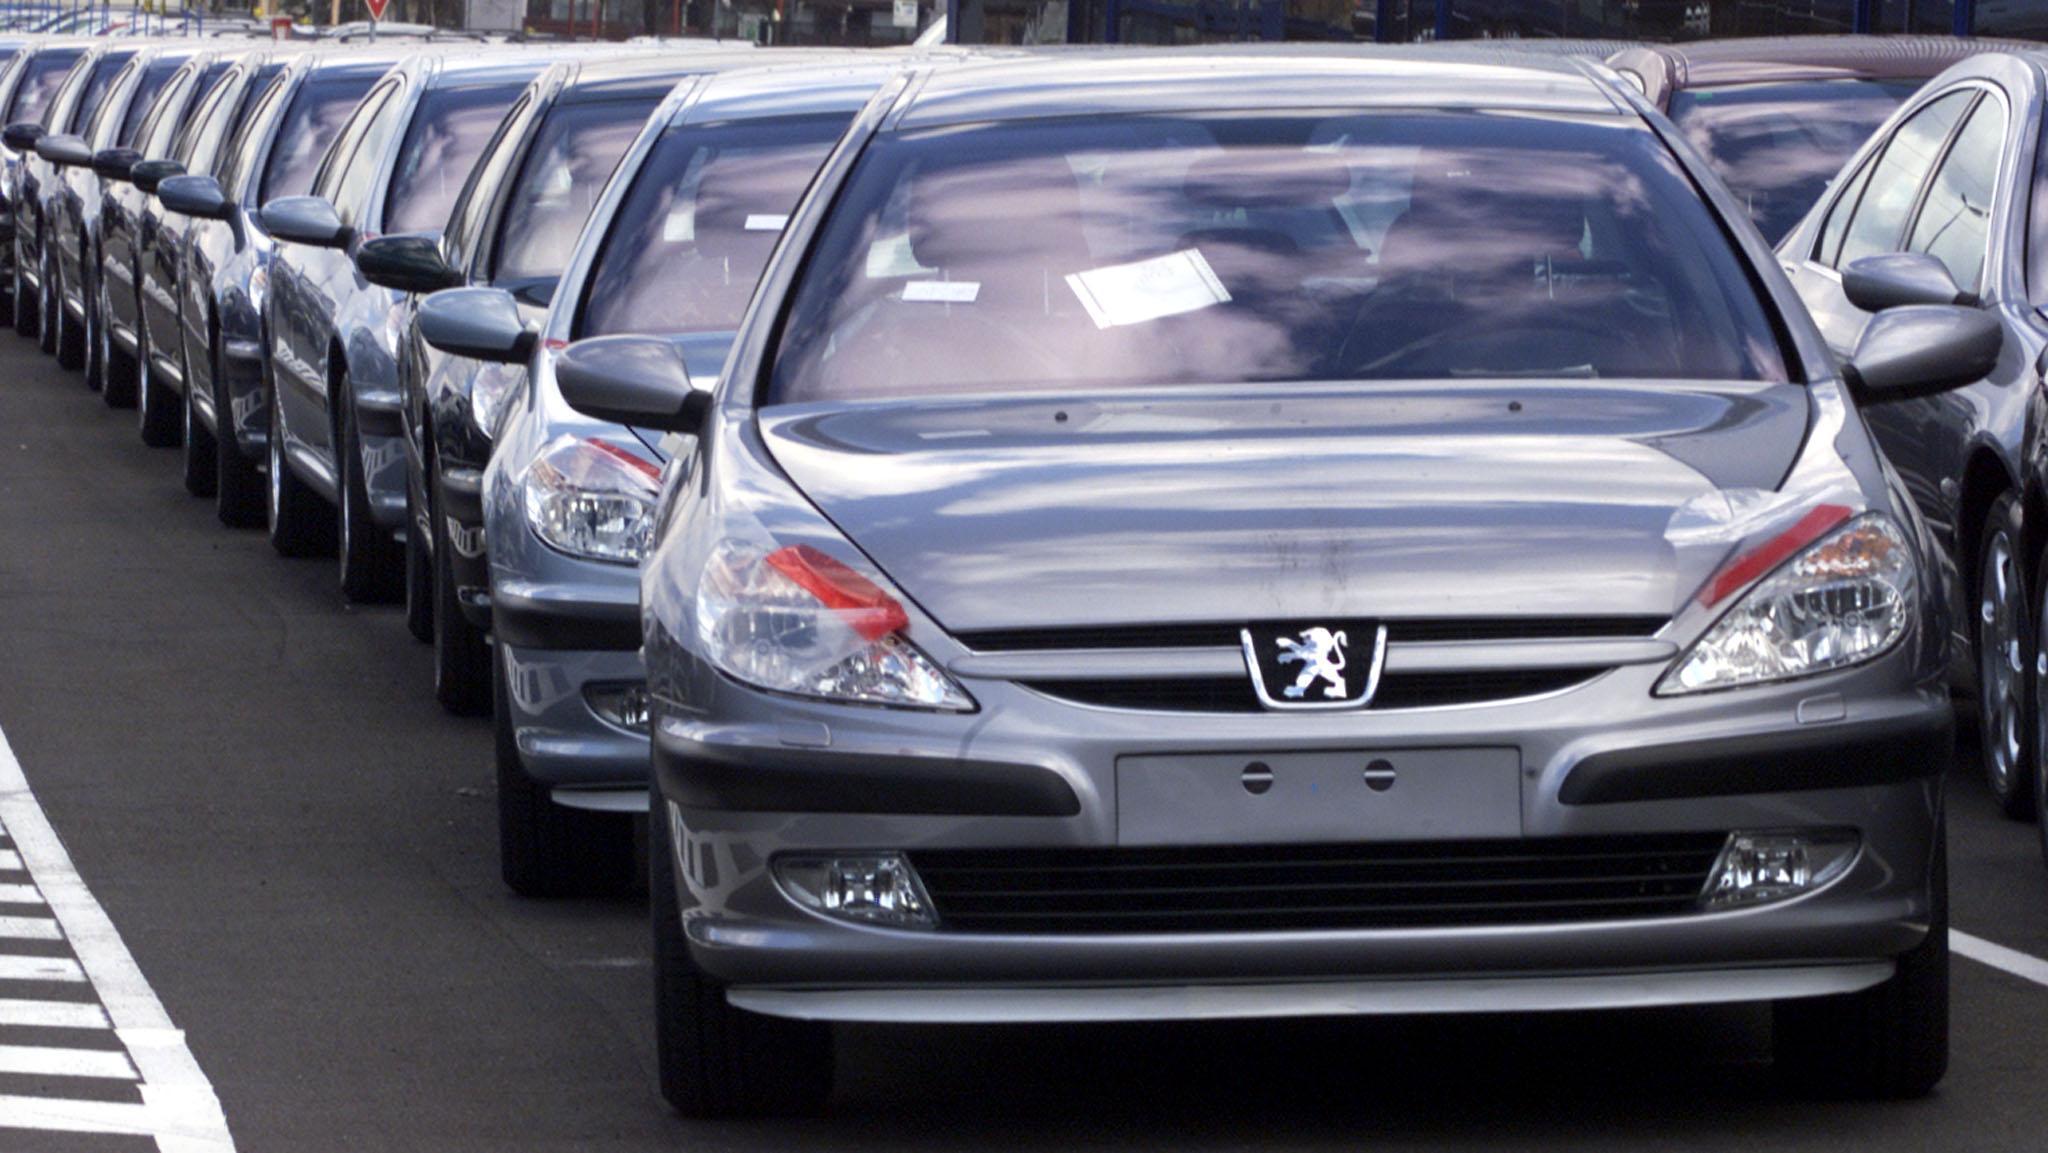 پژو ۴۴۴ هزار خودرو به ایران فروخت/ بازار بزرگی که دربست به فرانسوی ها داده شد